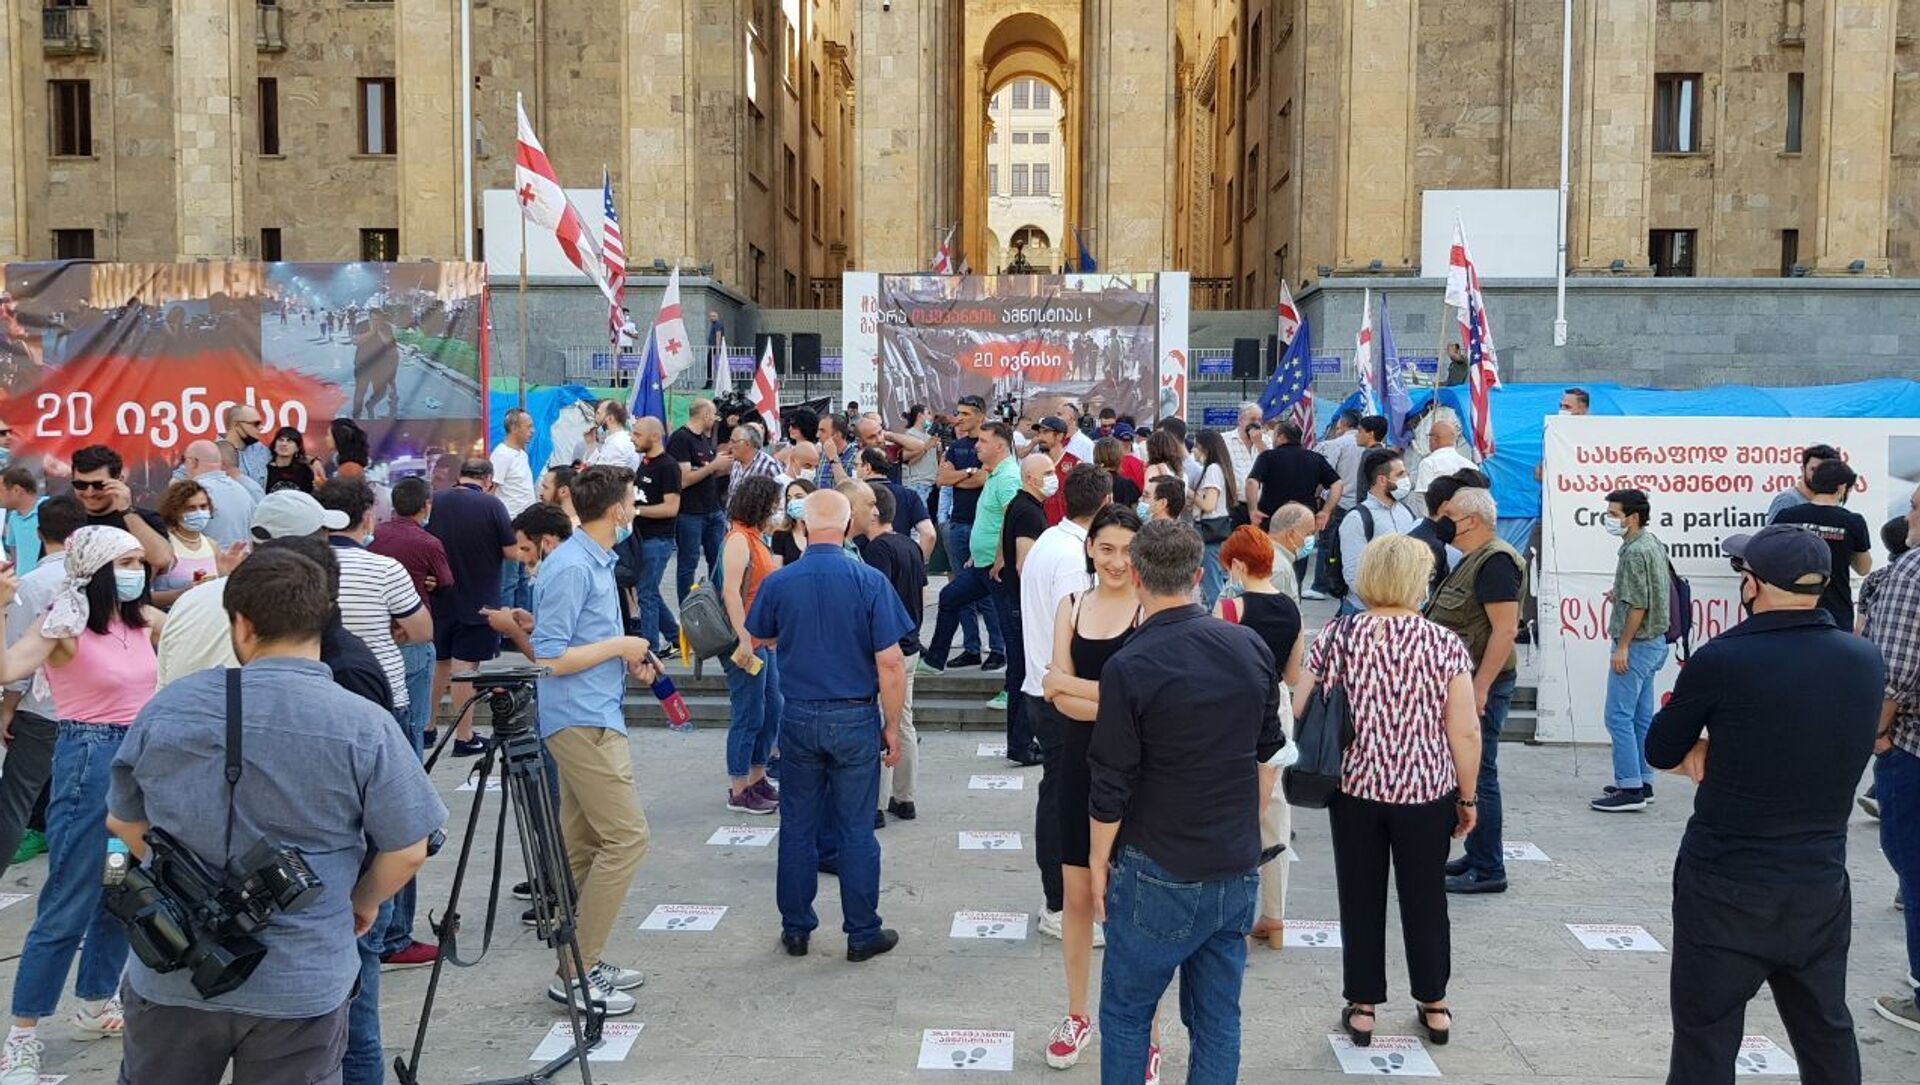 Акция протеста в столице Грузии у парламента страны 20 июня 2021 года - Sputnik Грузия, 1920, 20.06.2021